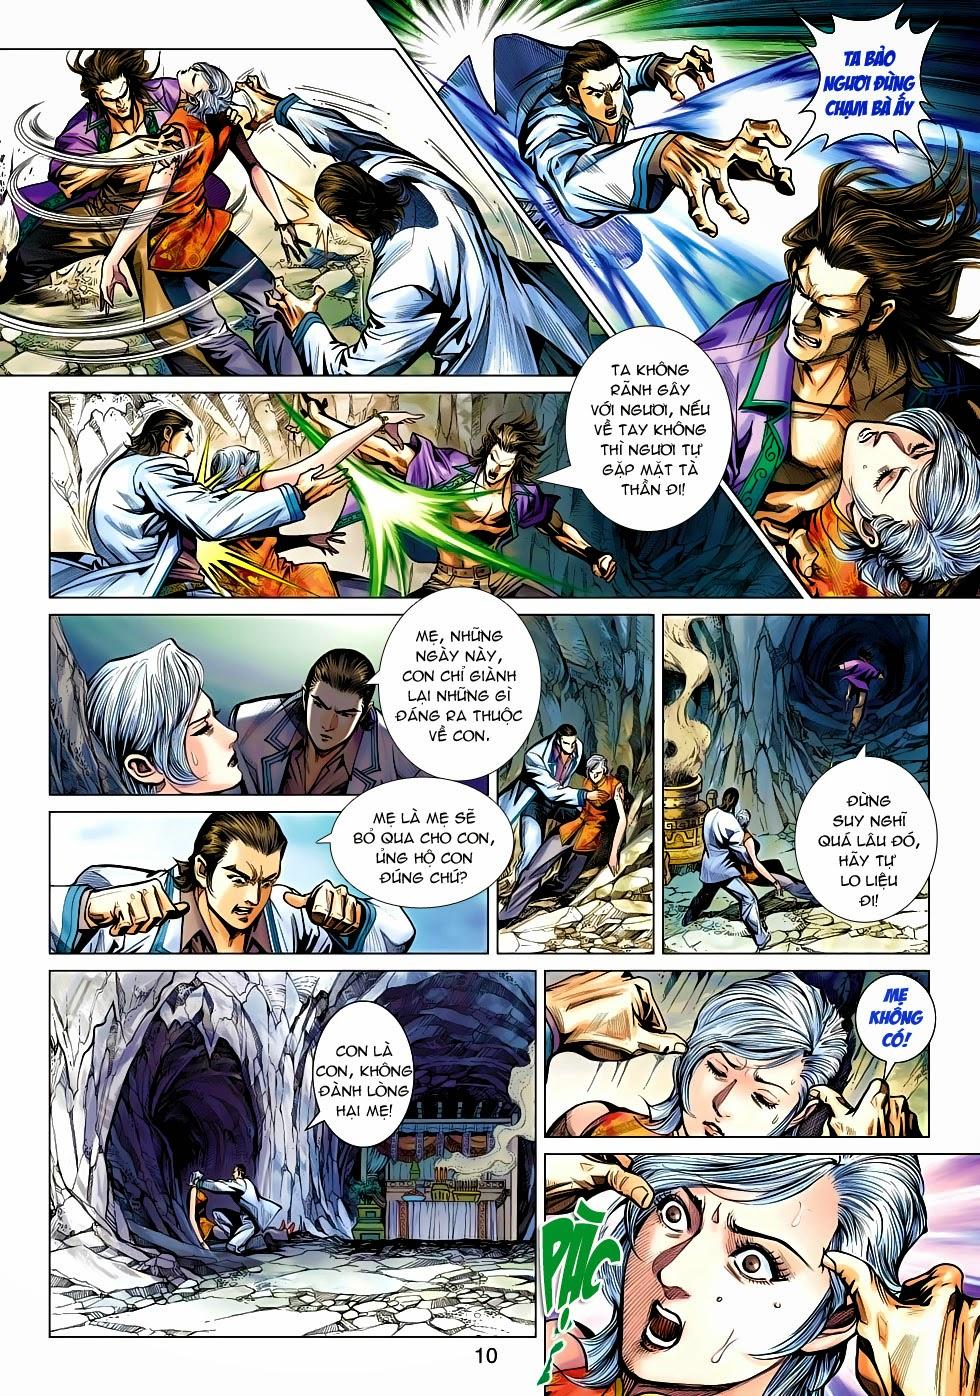 Tân Tác Long Hổ Môn chap 470 - Trang 10